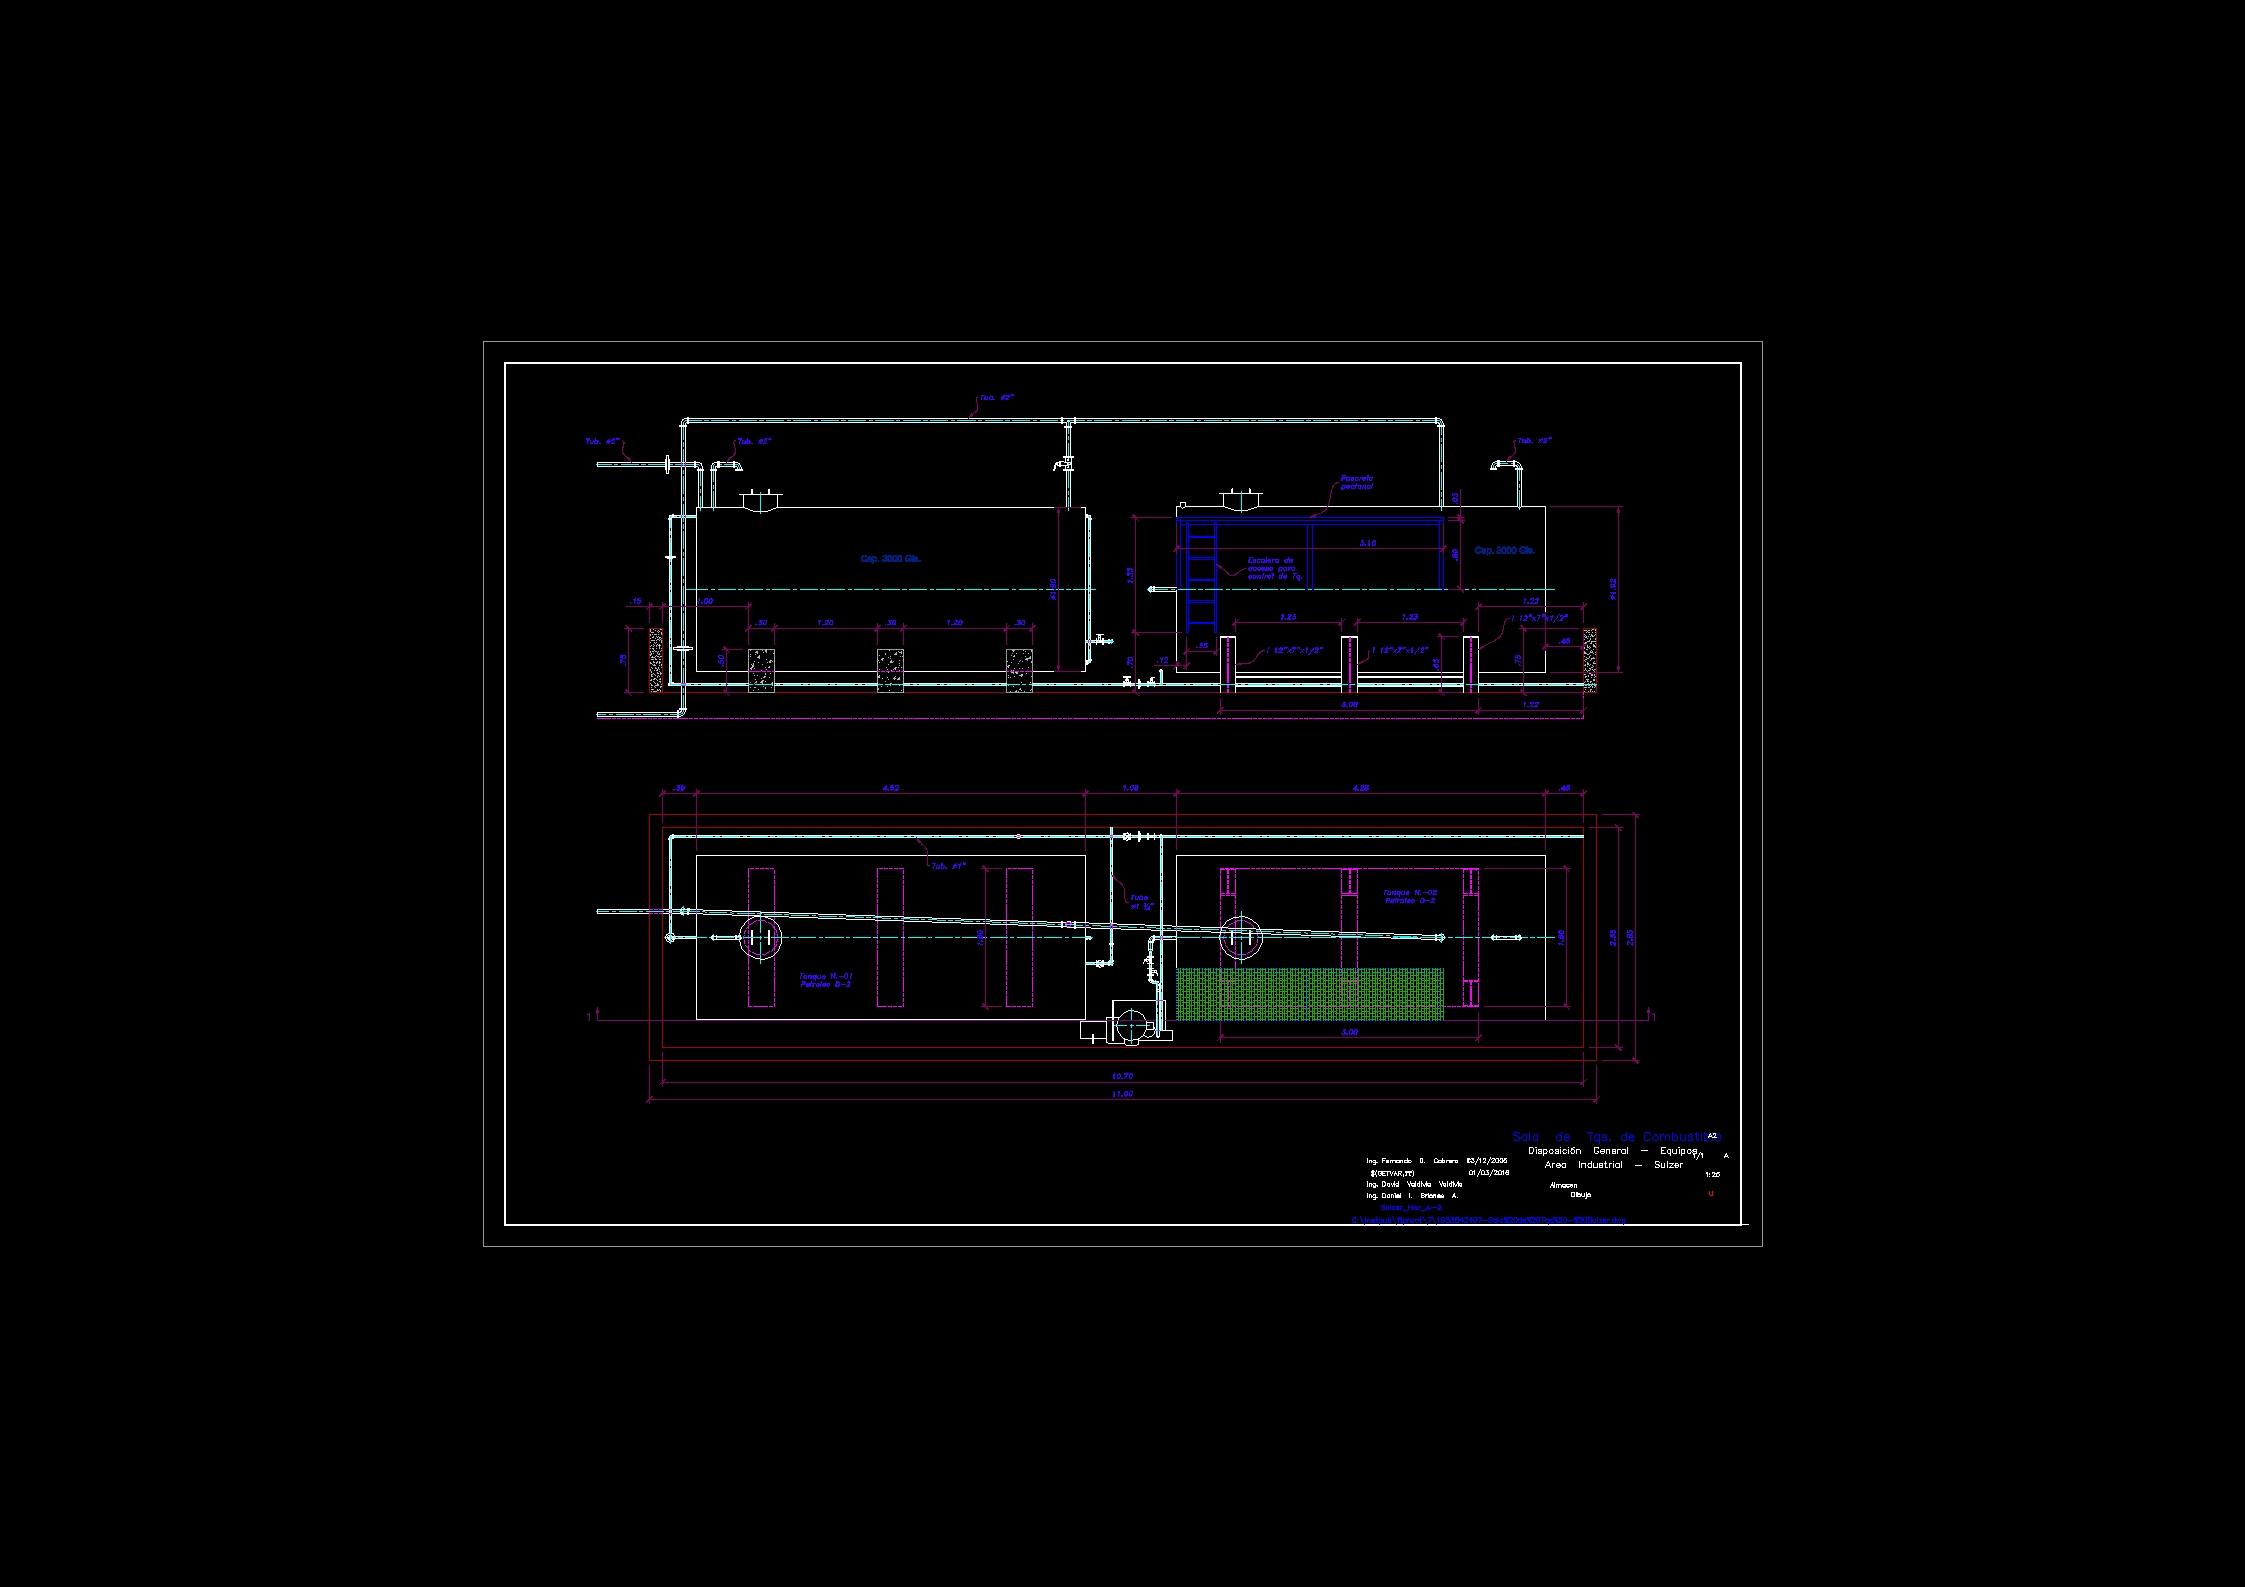 Bloques Autocad Descarga Gratis De Planos Archivos Y Bloques  # Muebles Gimnasio Dwg